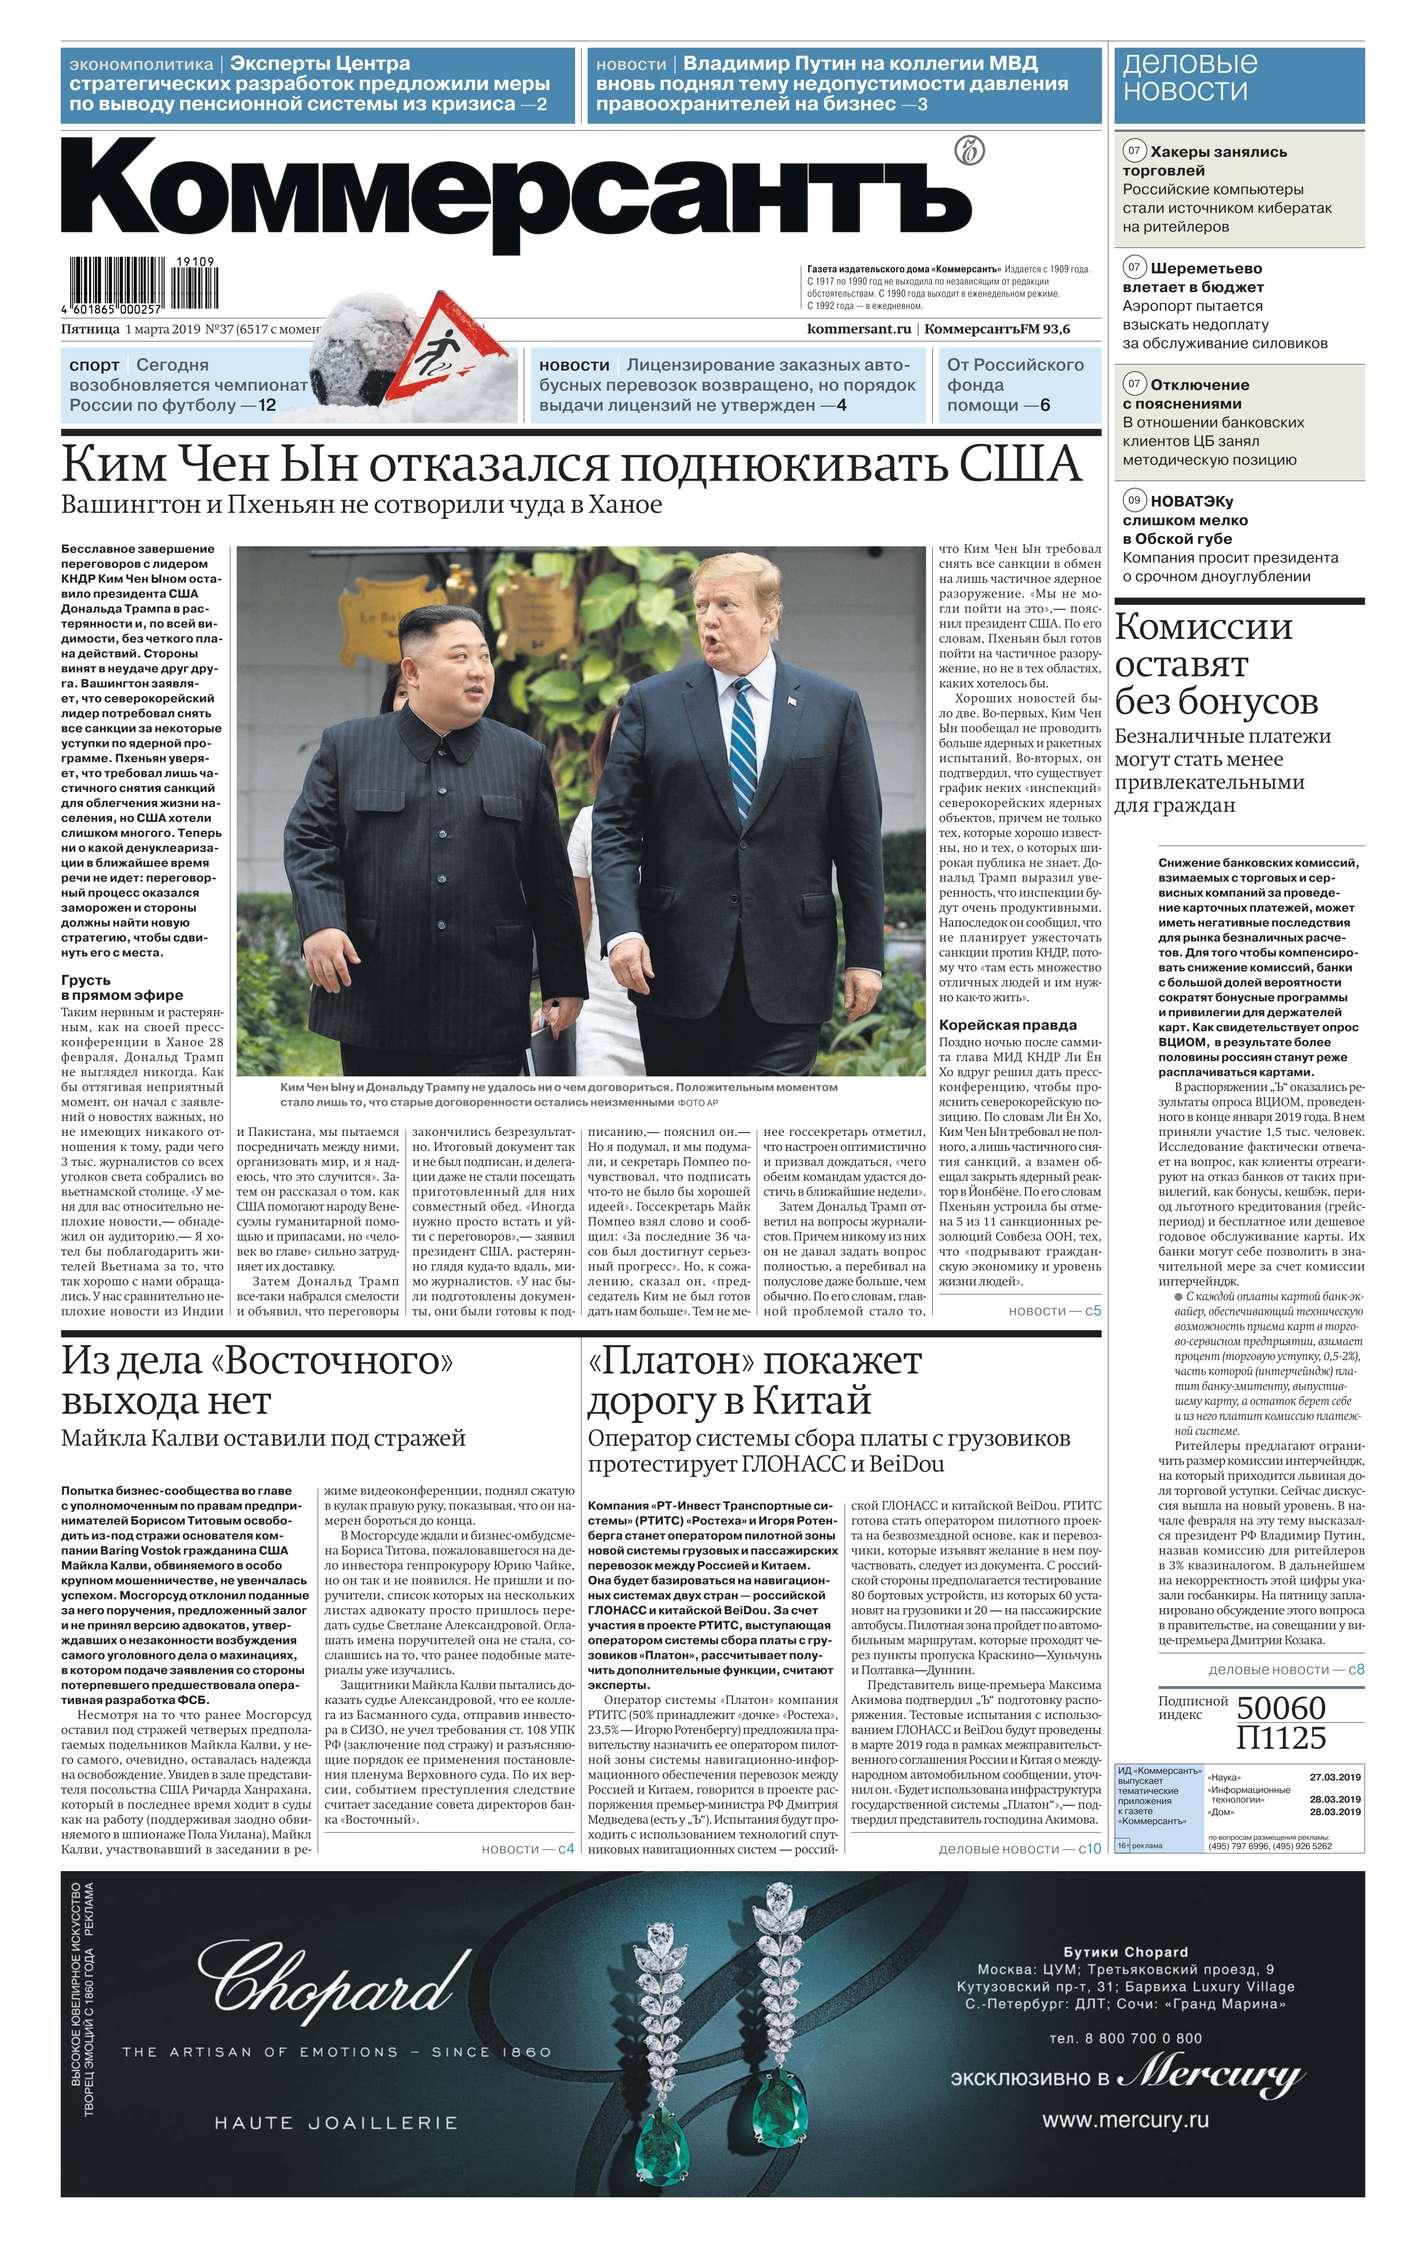 Редакция газеты Коммерсантъ (понедельник-пятница) Коммерсантъ (понедельник-пятница) 37-2019 цена